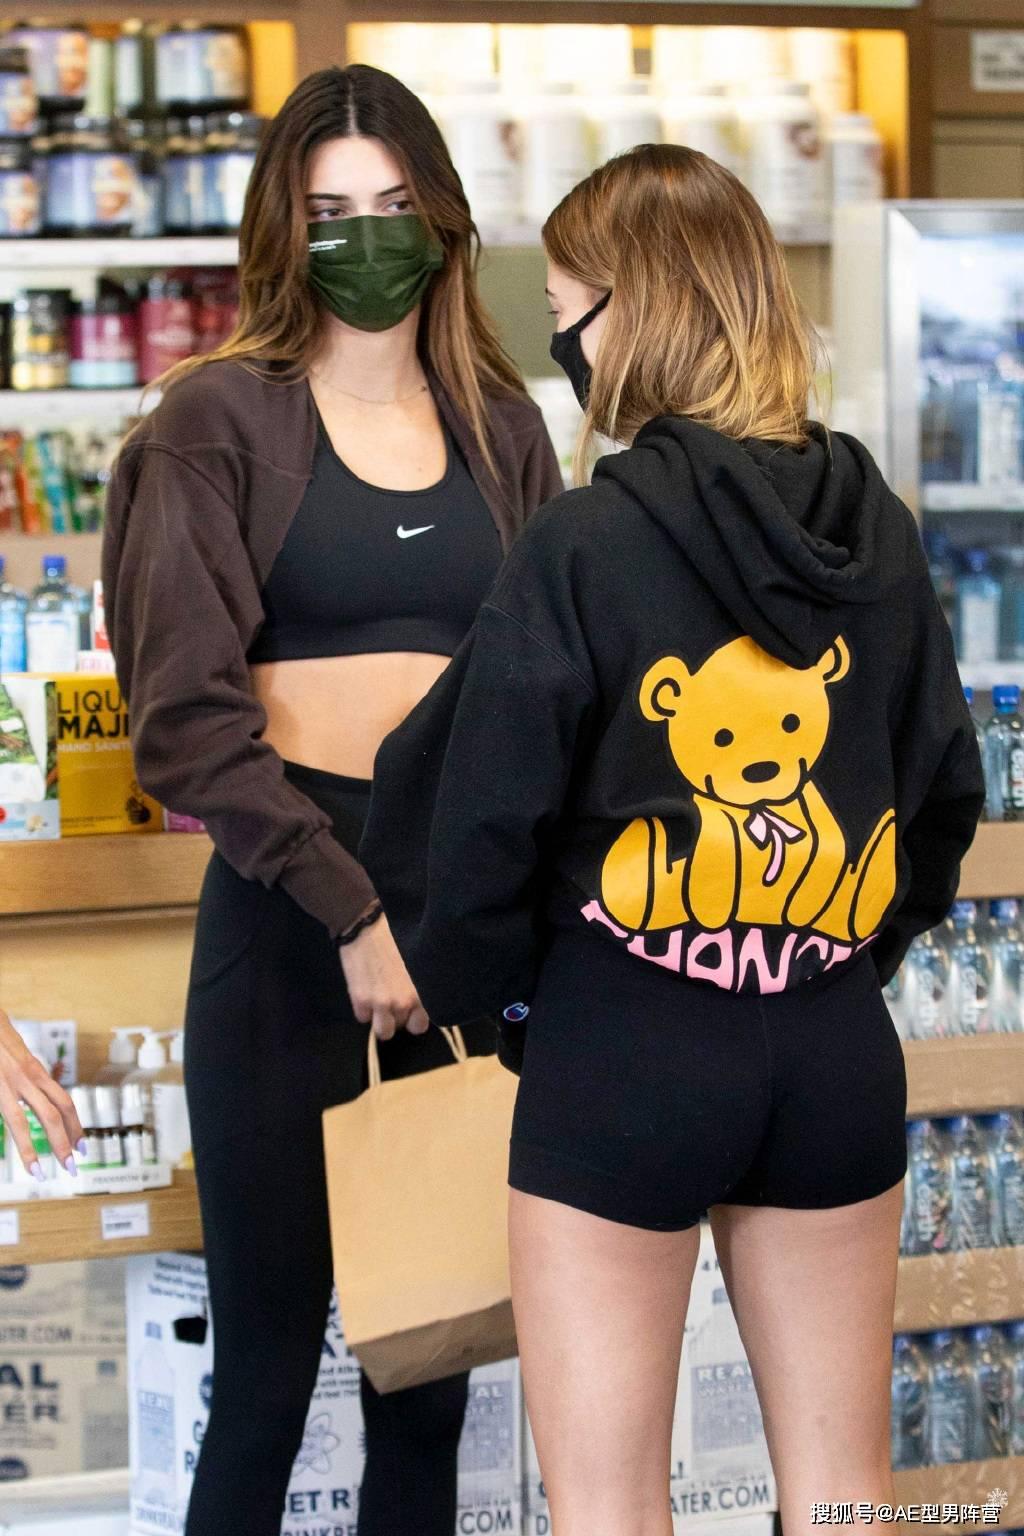 原创             25岁肯达尔·詹娜和24岁海莉·比伯逛街!两位超模出没,身材太抢眼